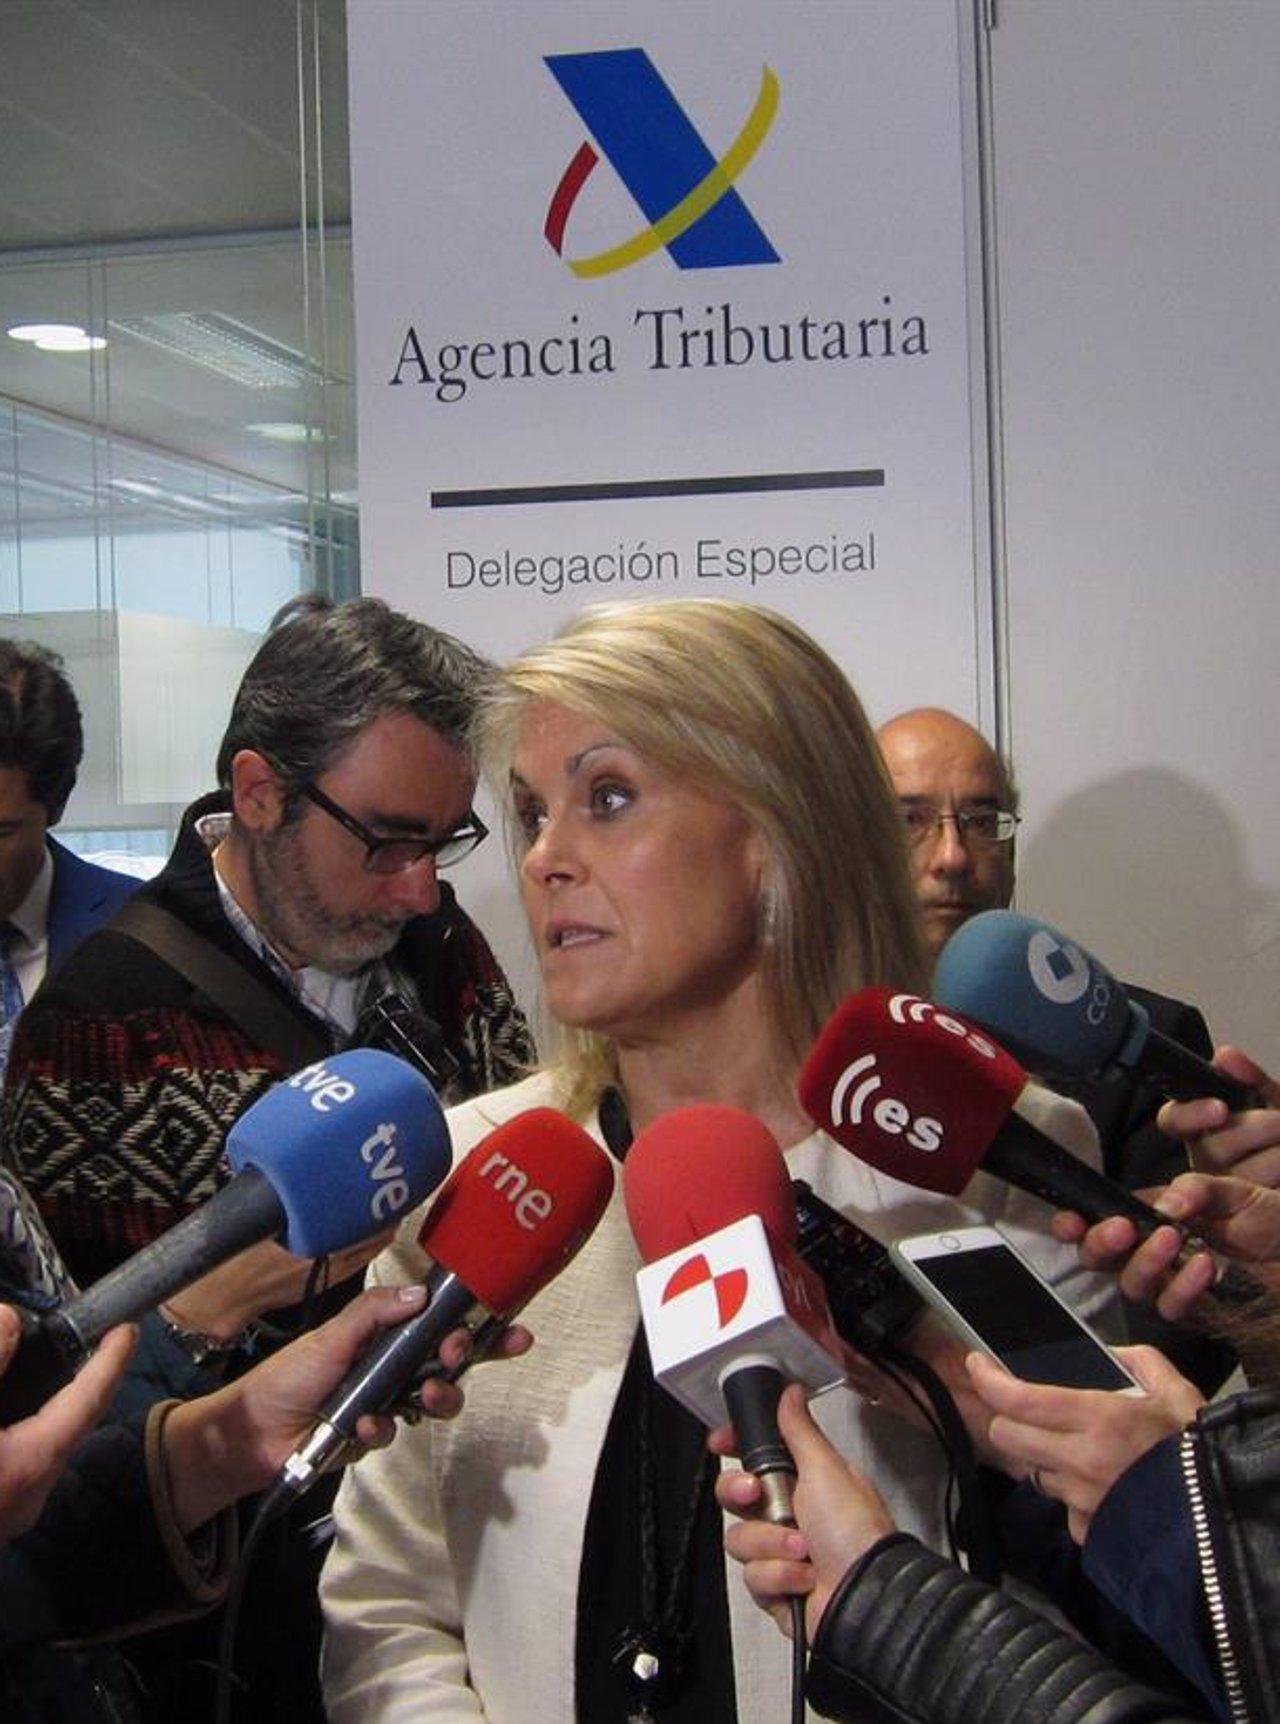 La delegada especial de la Agencia Tributaria en CyL, Georgina de la Lastra,